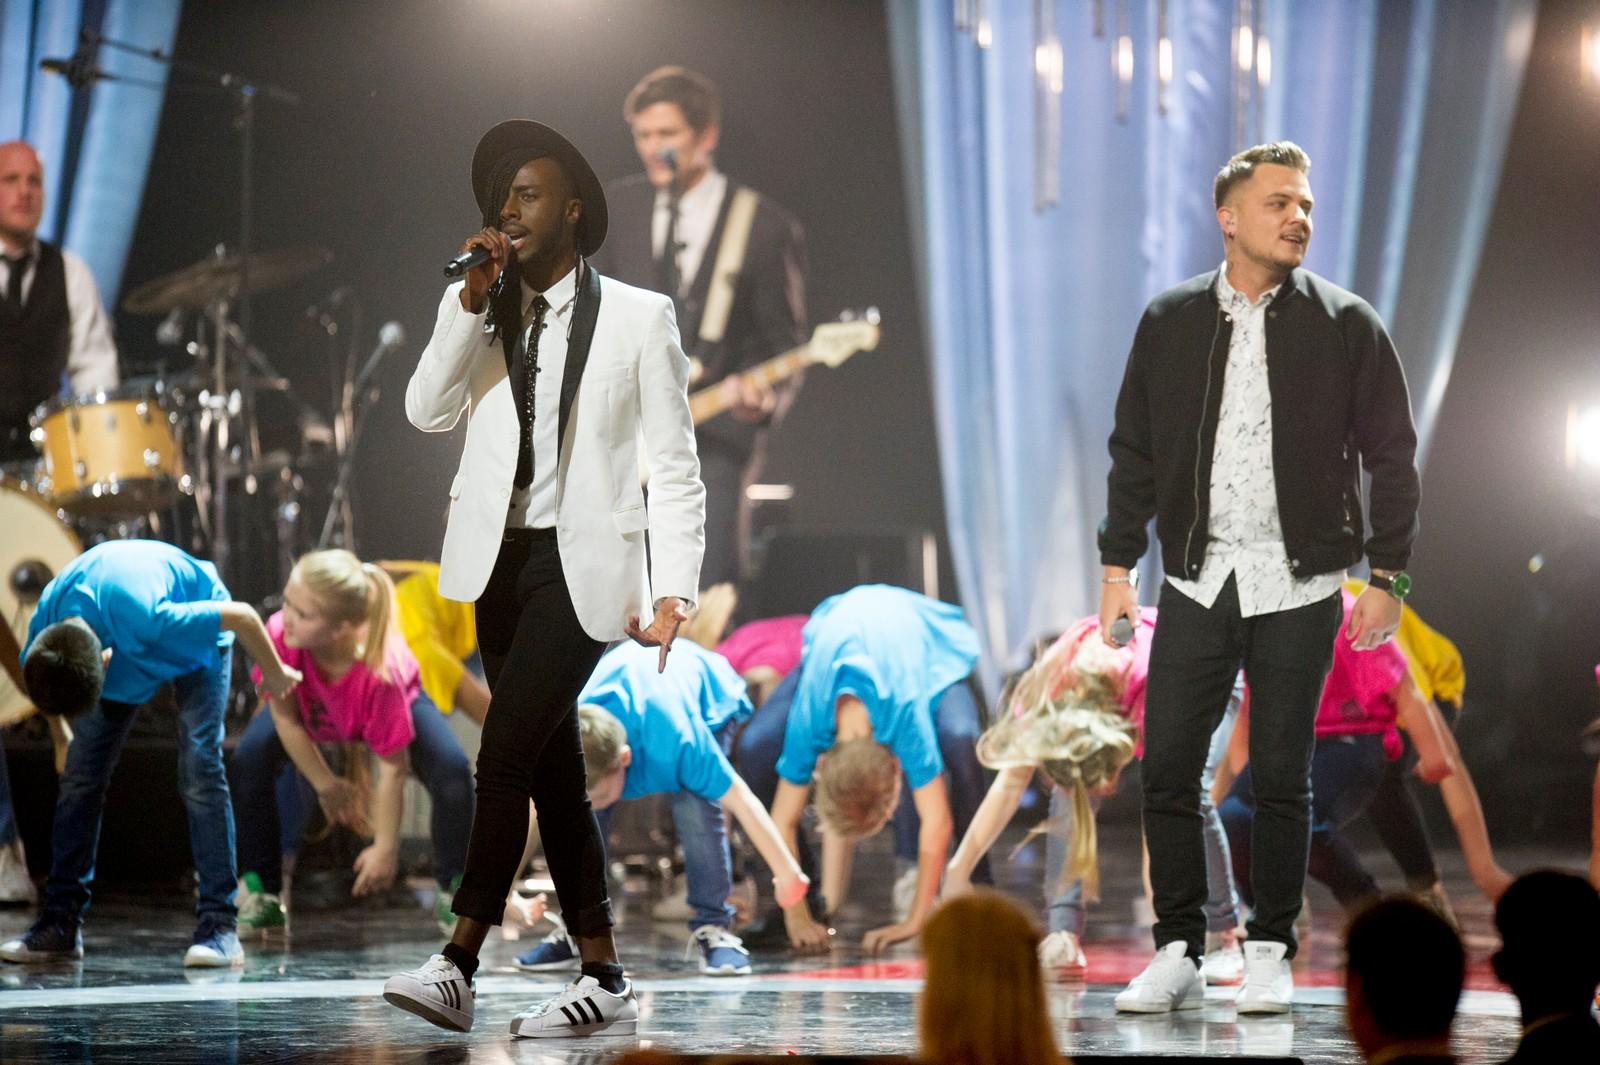 Artistene Mo (t.v) og Sirius fremførte den offisielle sangen til ungdoms-OL 2016 under Idrettsgallaen 2016.